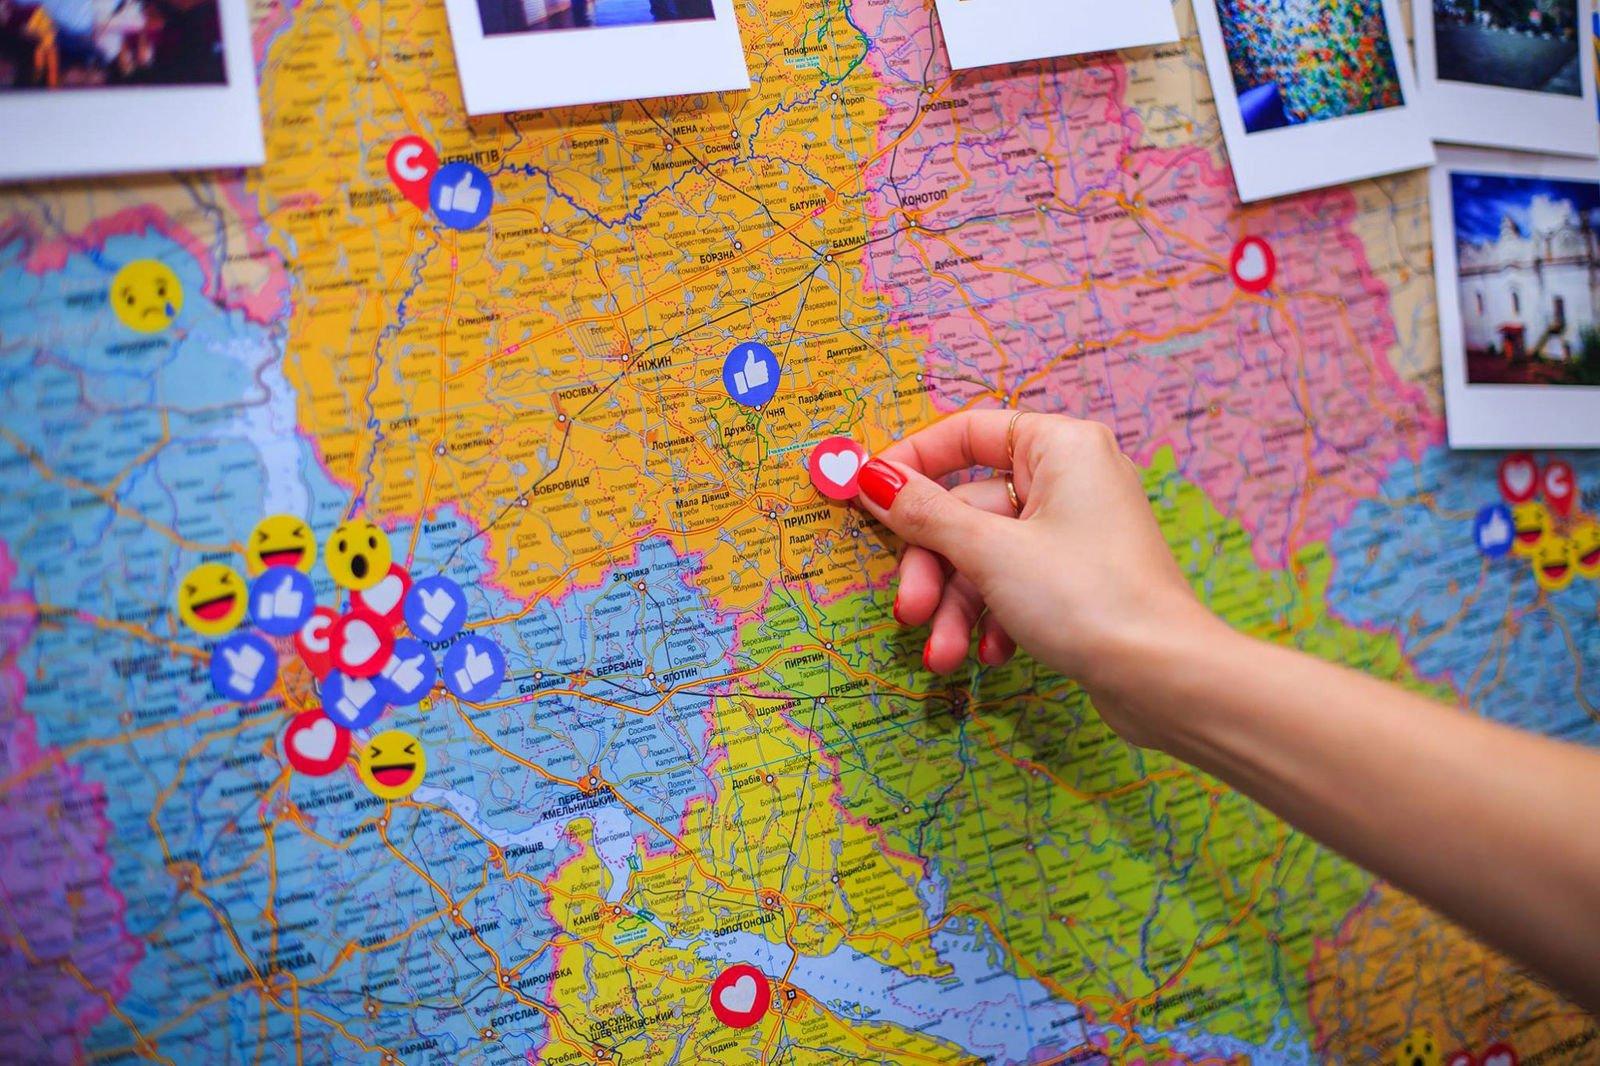 Екскурсовод у смартфоні. Як легко спланувати подорож Україною, автор Анджела Затаверн | Kyivstar Business Hub, зображення №1